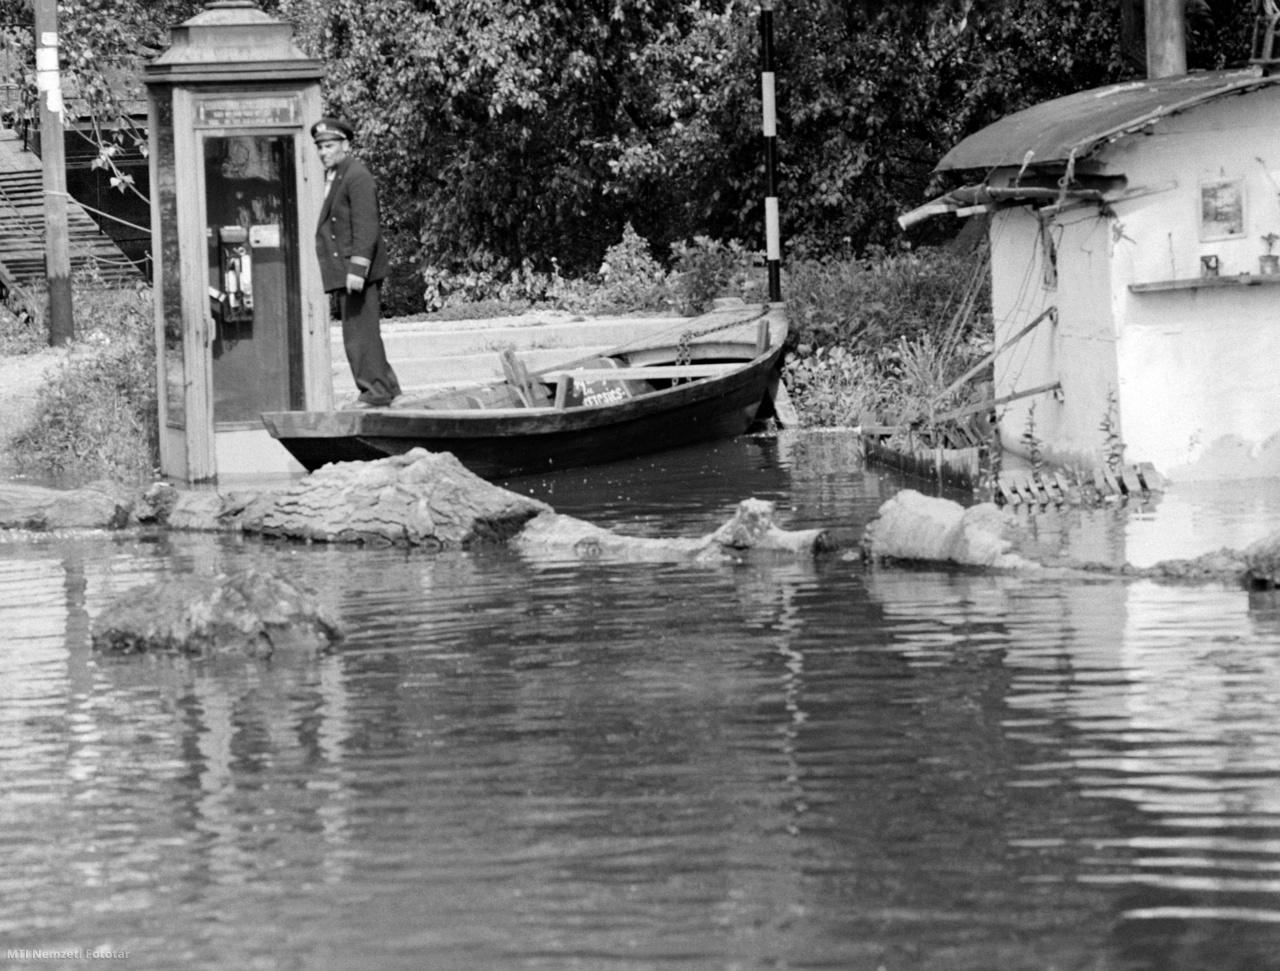 Egy matróz csónakban áll a megáradt Duna folyó mellett egy népszigeti telefonfülkénél 1965. június 17-én. Az árvízi mentésben több a feladatuk a vízirendészeti szerveknek. A kiürített házak a könnyű zsákmány reményében vonzzák a bűnözőket, ezért a Budapesti Vízirendőrőrs teljes létszáma készenlétben van, hajókkal éjjel-nappal járják az elöntött területeket, hogy megakadályozzák a bűncselekményeket, fosztogatásokat. A járőrök irányítják az önkéntes rendőröket, figyelik a gátakat, segítenek a mentésben is, az elsődleges feladatuk, a közbiztonság megőrzése mellett.